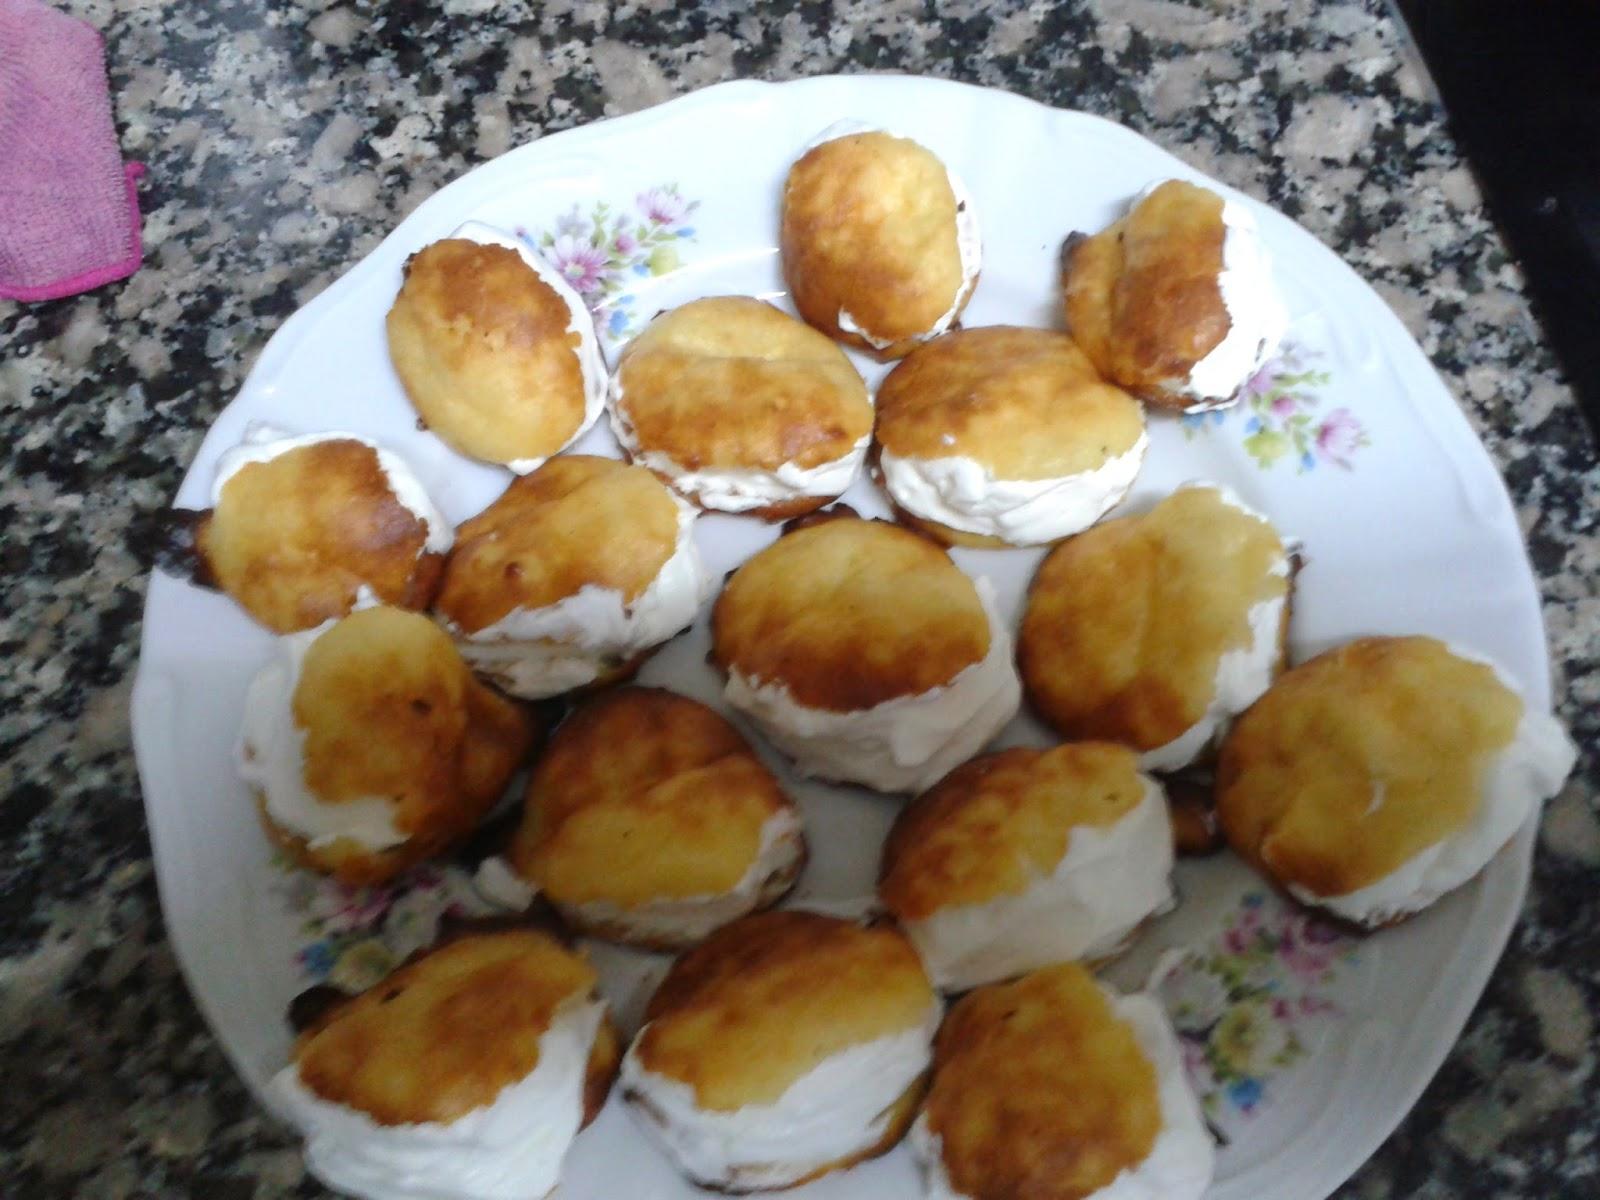 La cocina de beli profiteroles for Cocina 5 ingredientes jamie